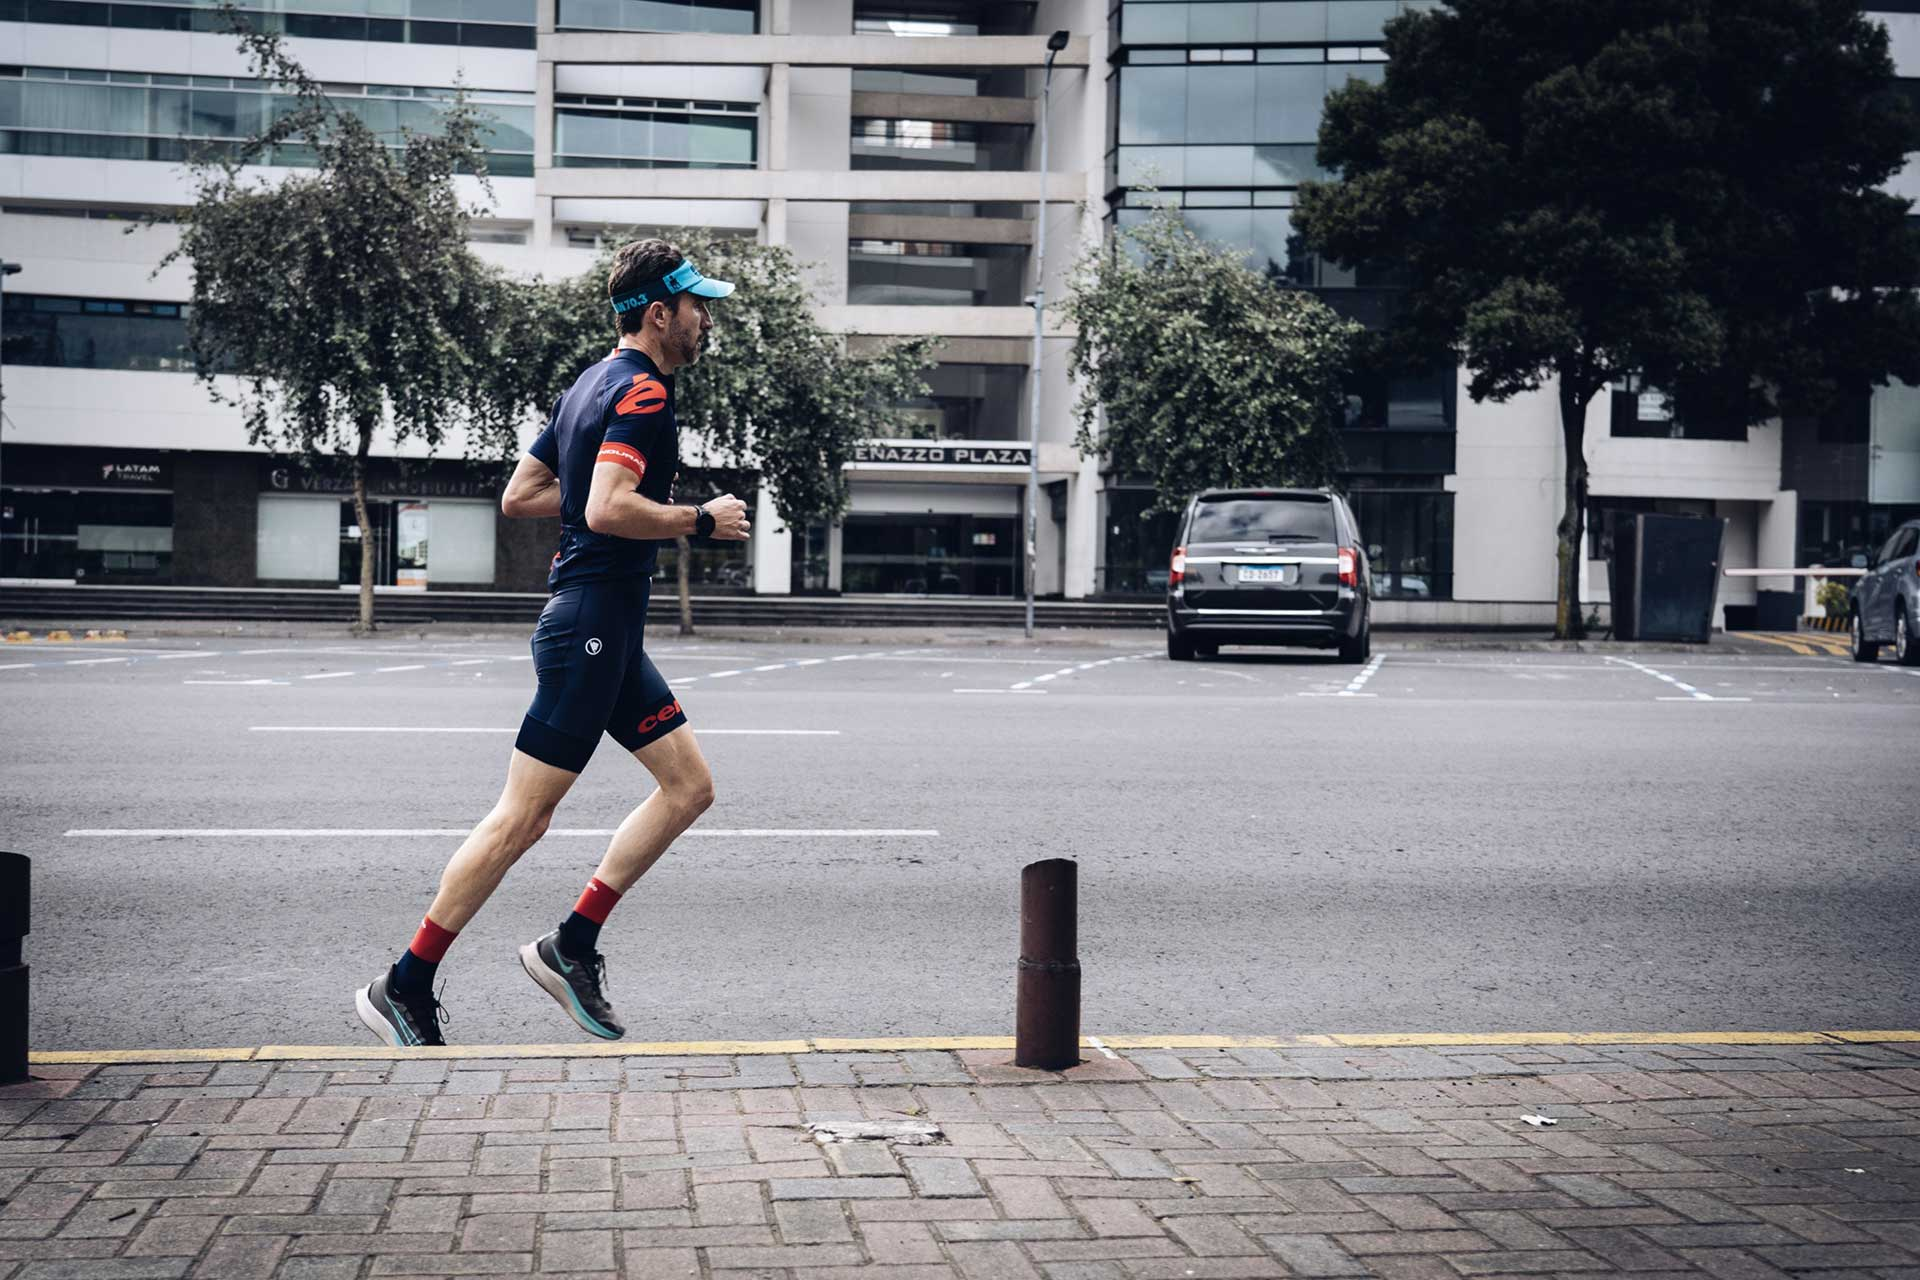 bet triatlo running